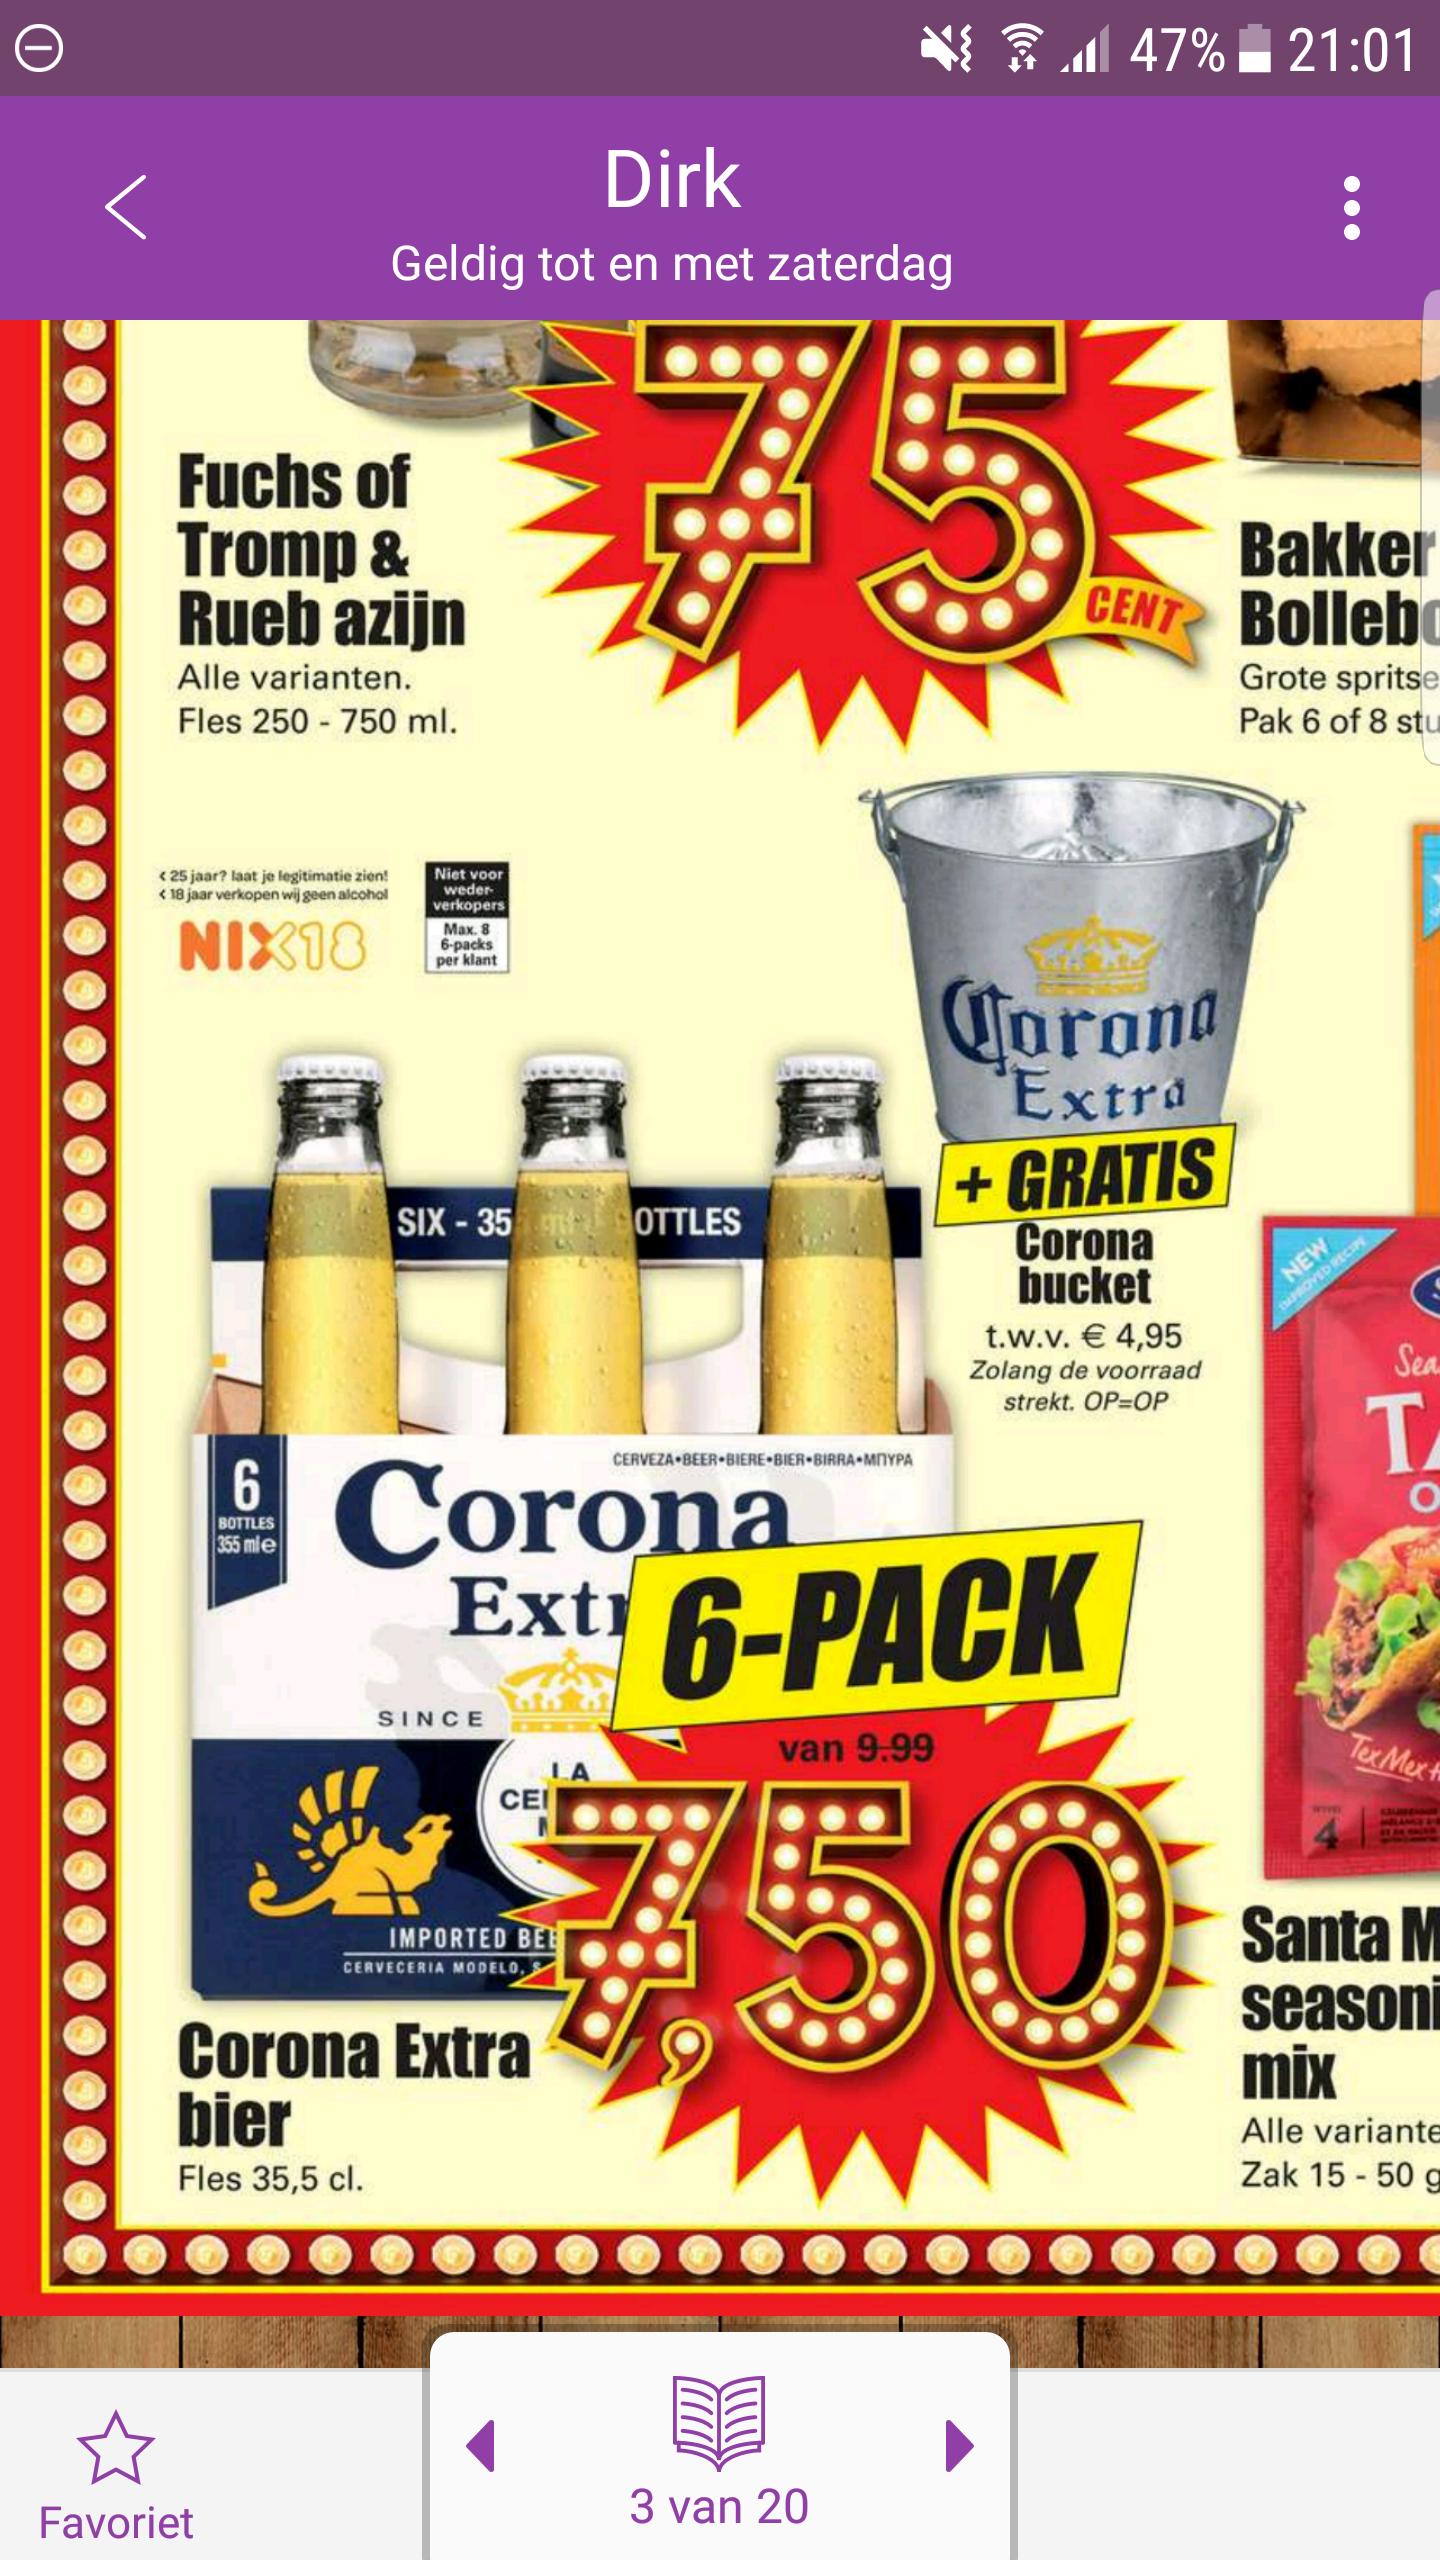 6 Corona voor €7.50 + gratis Corona bucket t.w.v. €4.95 @ Dirk